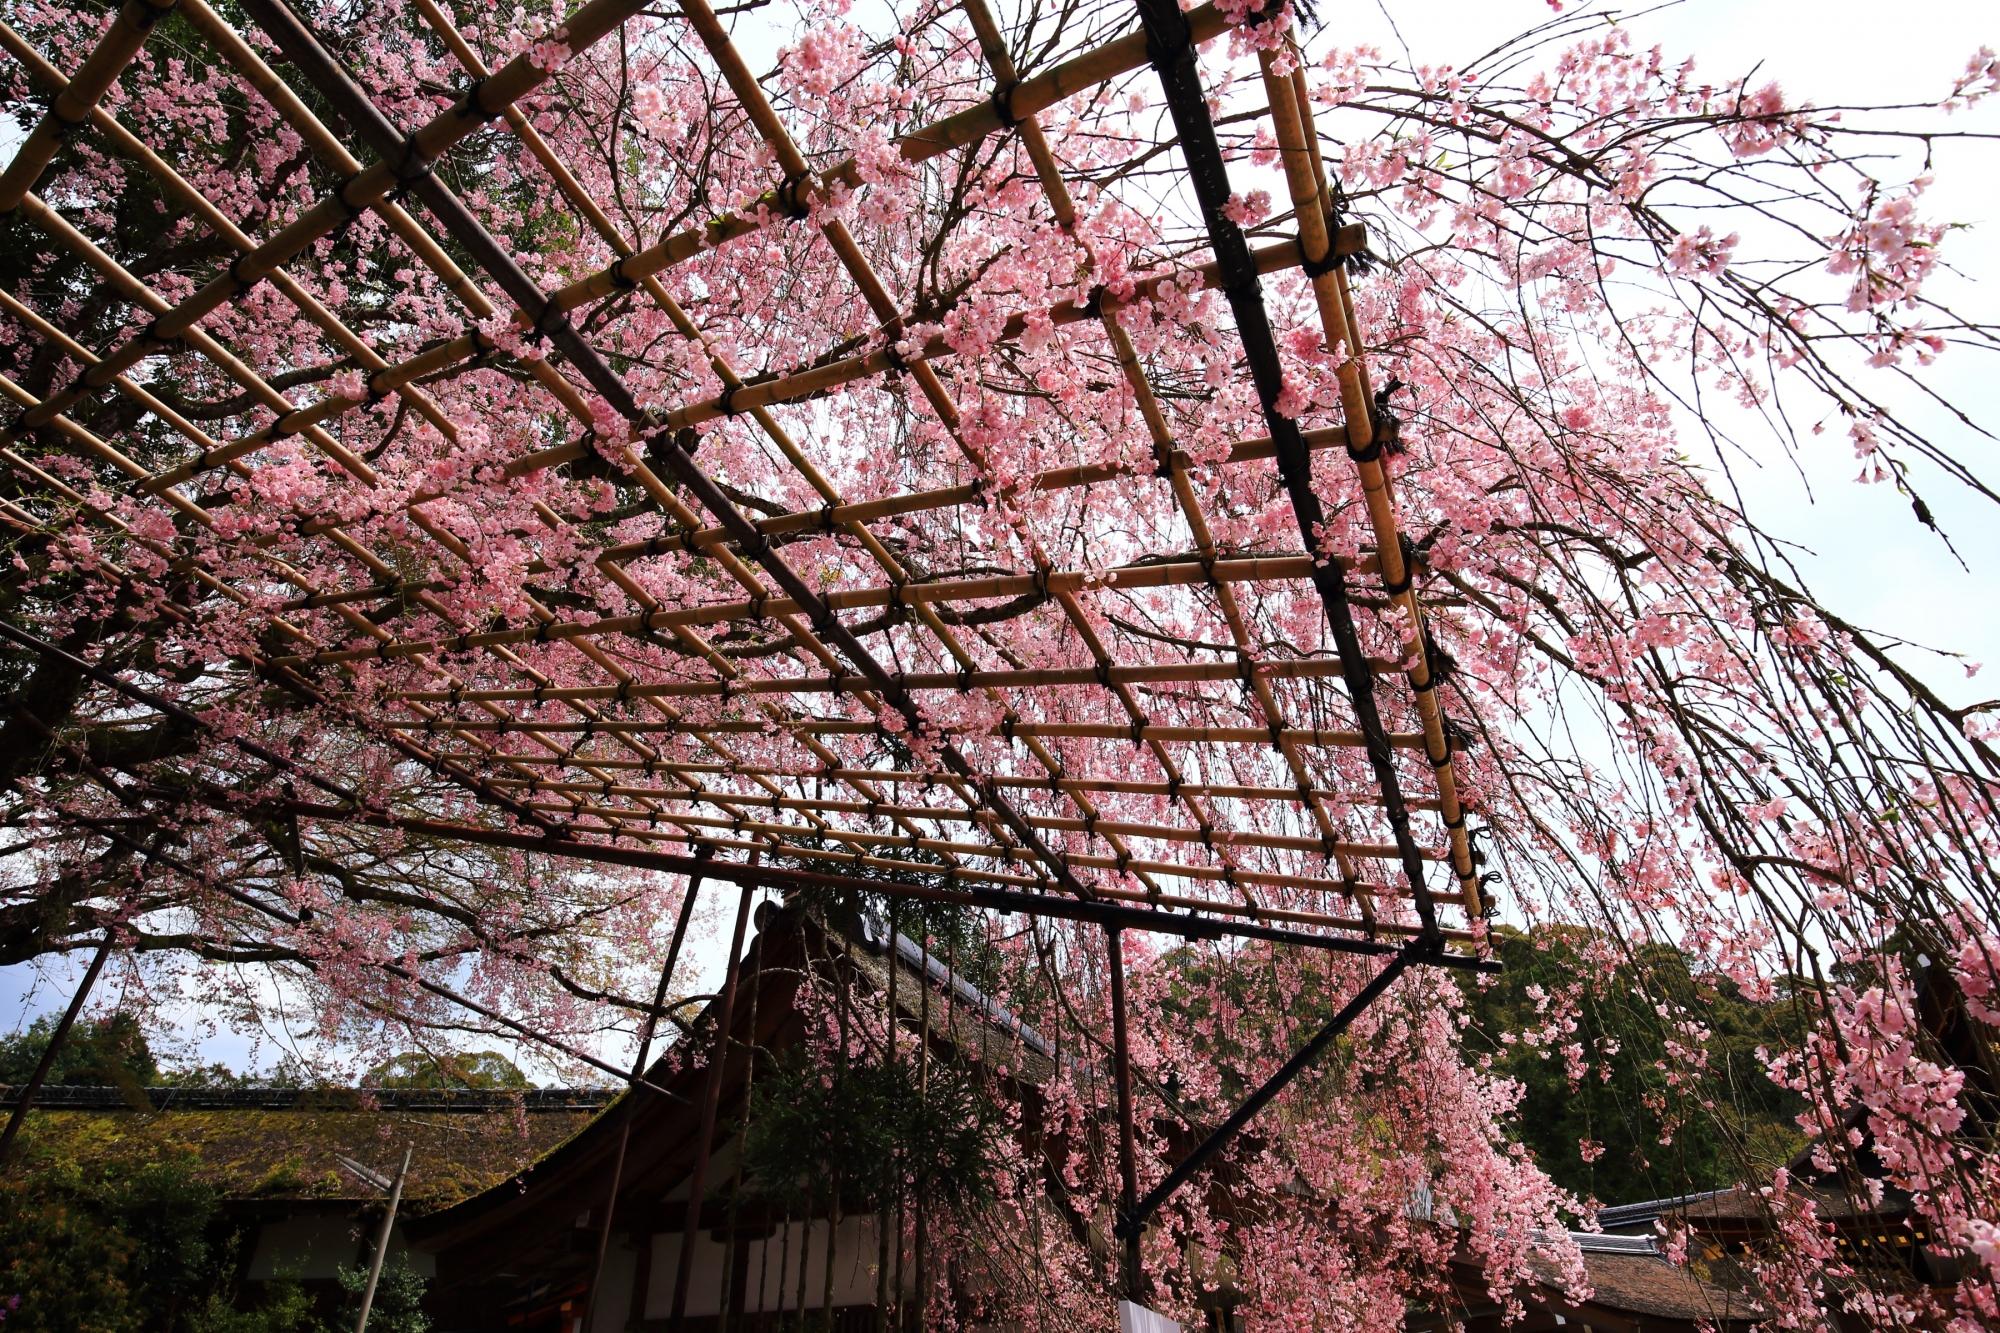 曇天は残念も空から降り注ぐピンクのしだれ桜